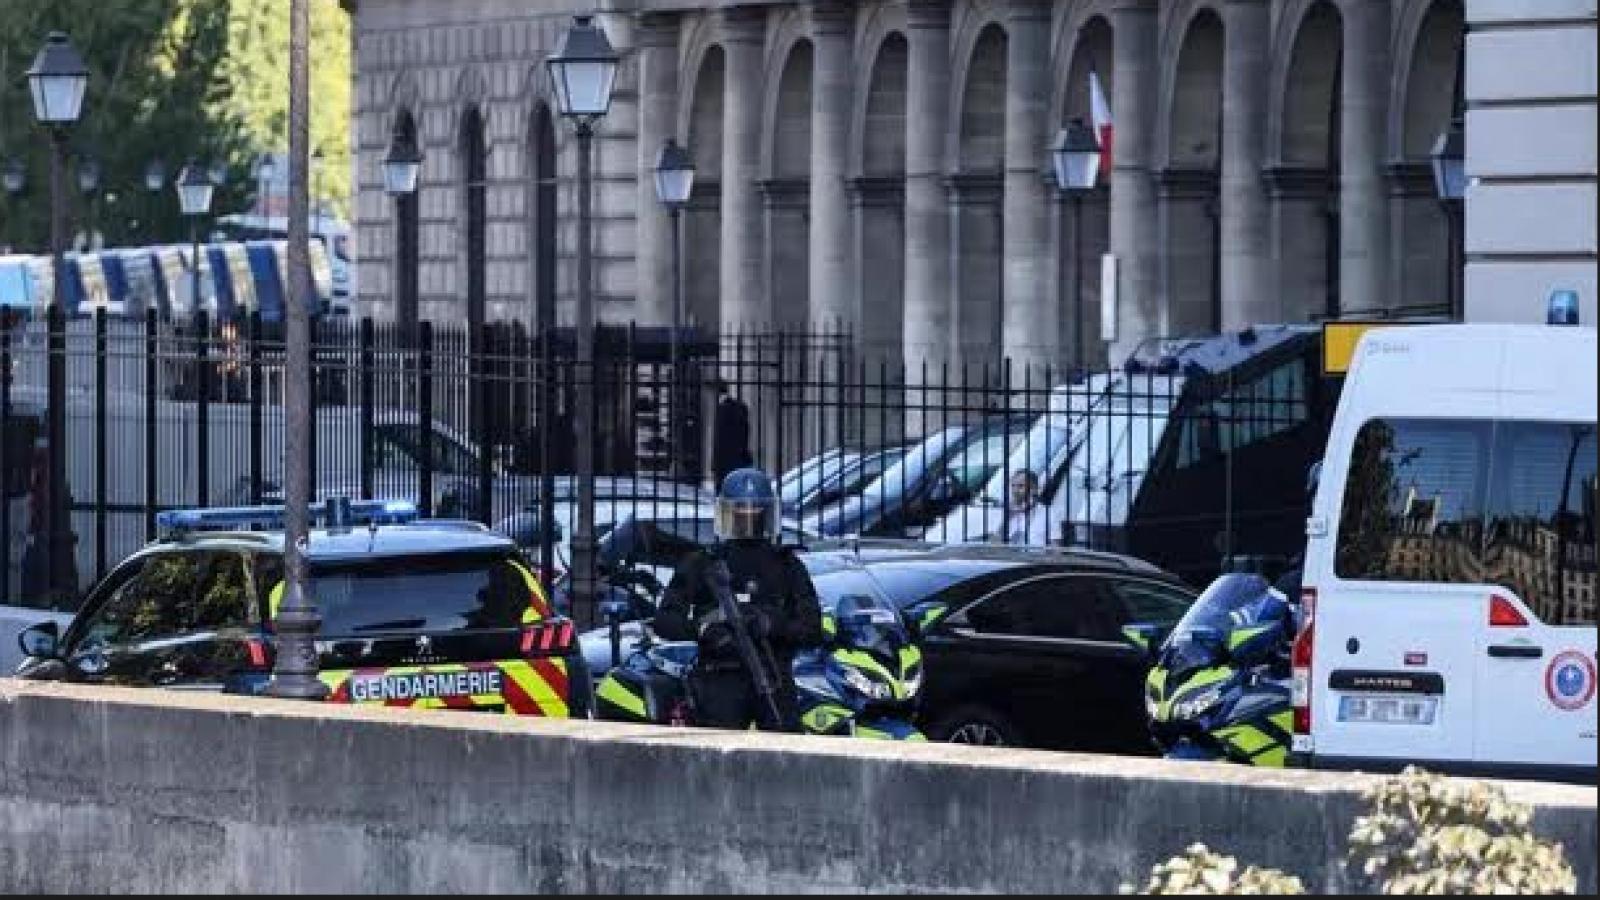 Pháp bắt đầu phiên tòa xét xử vụ khủng bố đẫm máu tại Paris năm 2015